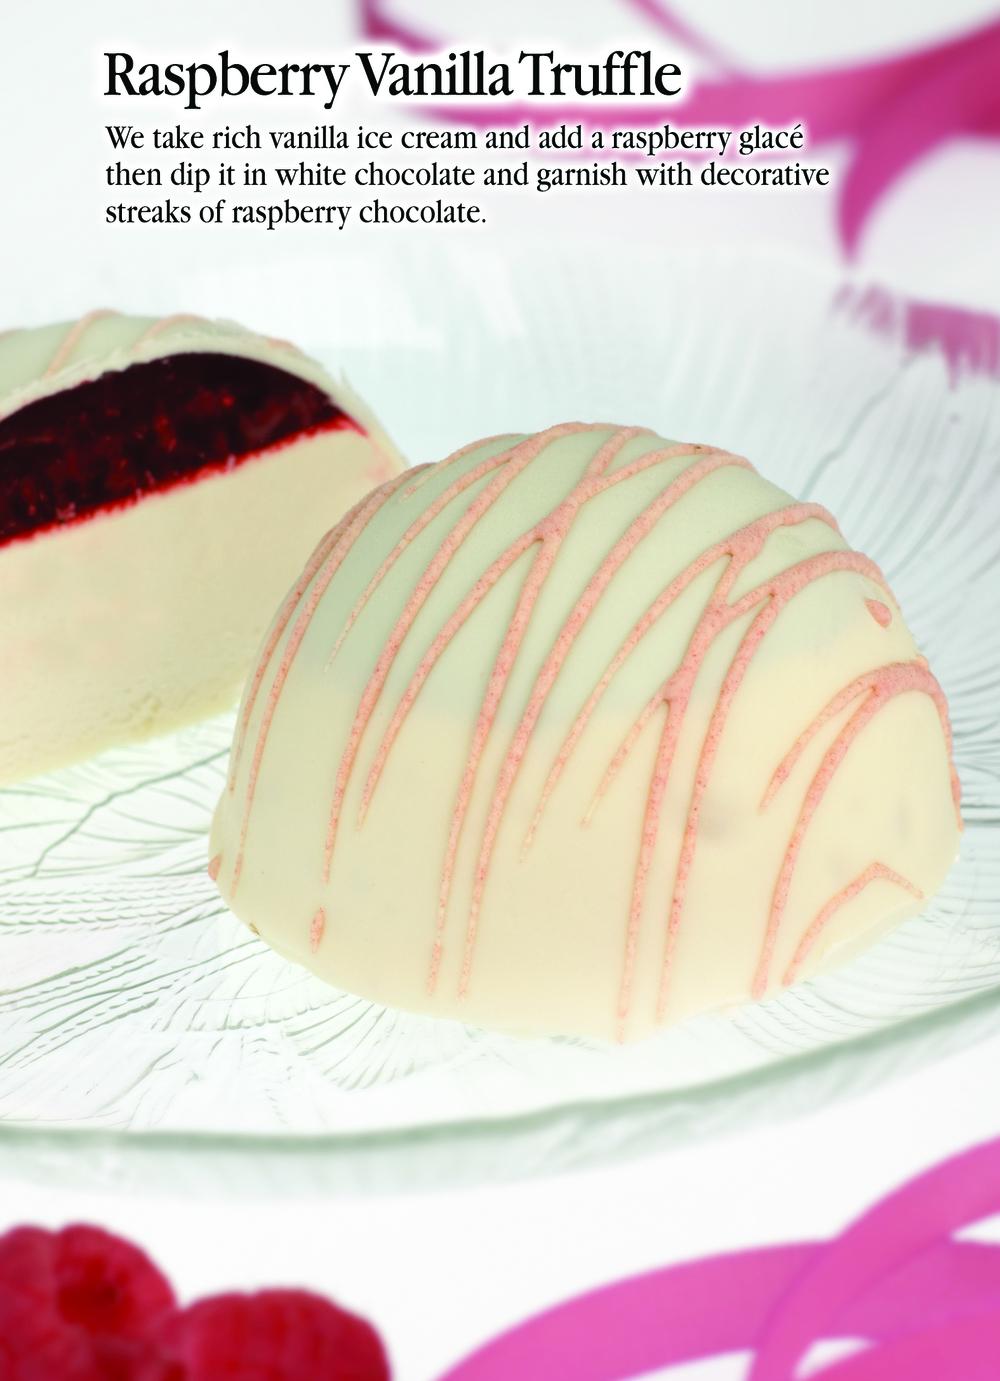 Raspberry Truffle menu.jpg